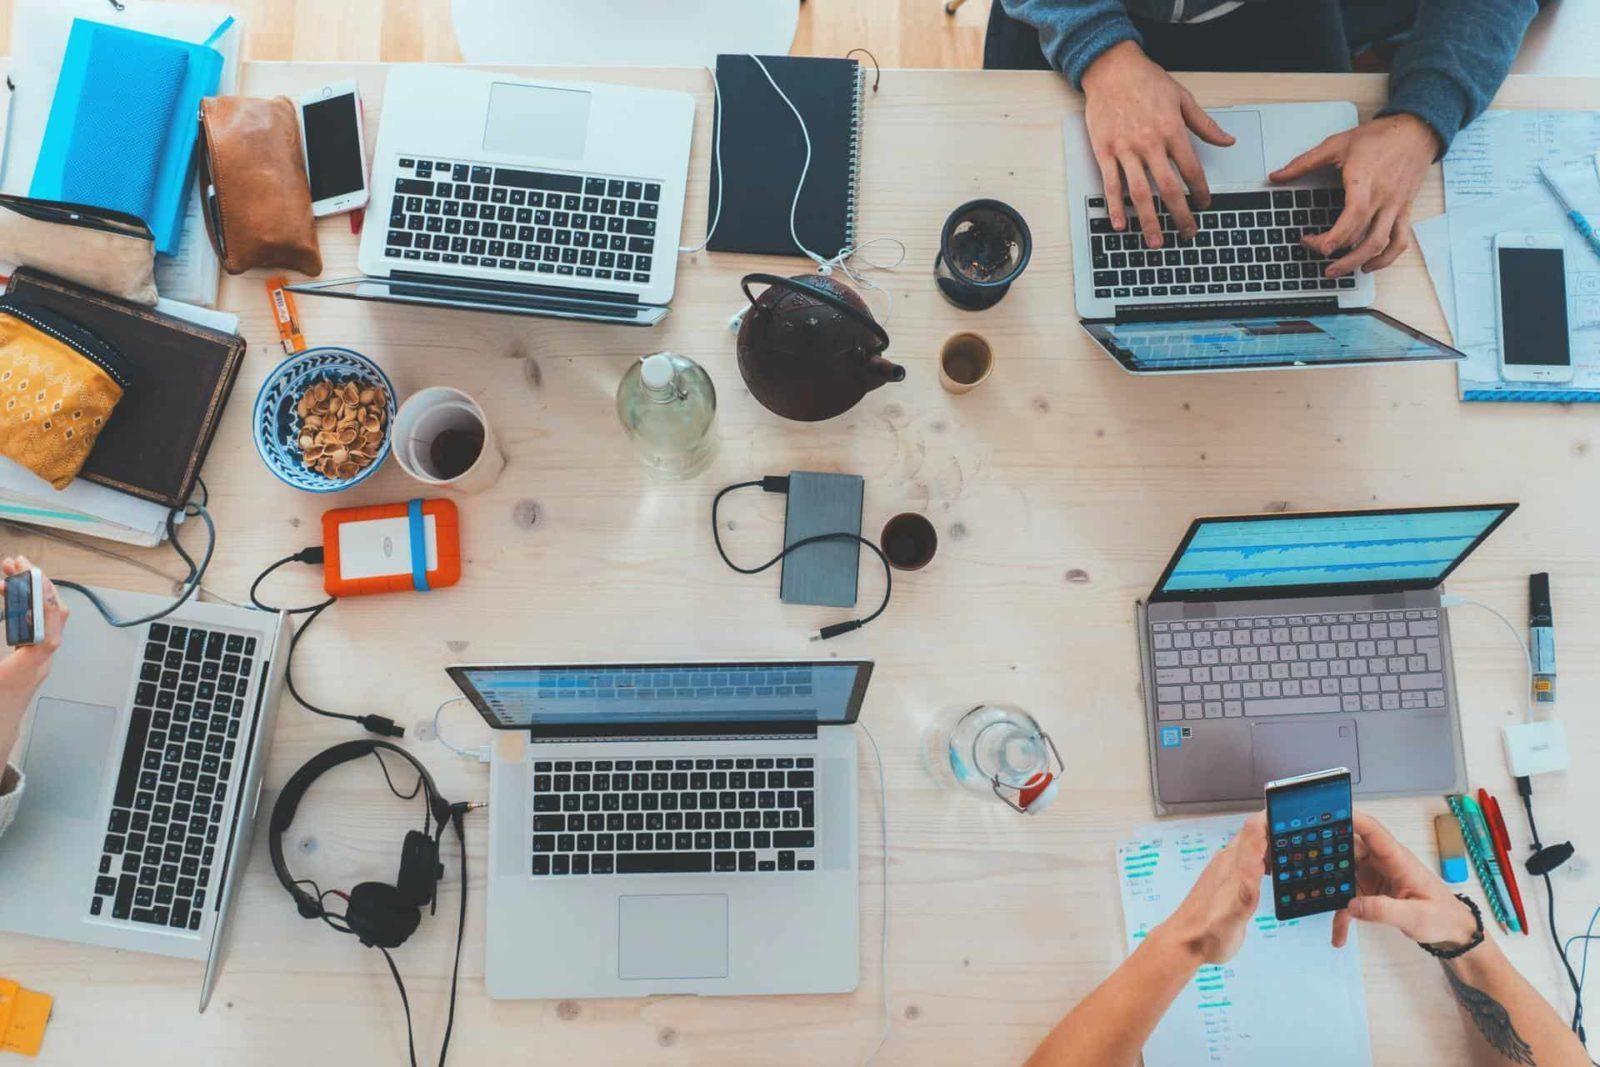 Focus en productiviteit op het kantoor: bel hier aan voor het 'nieuwe normaal'